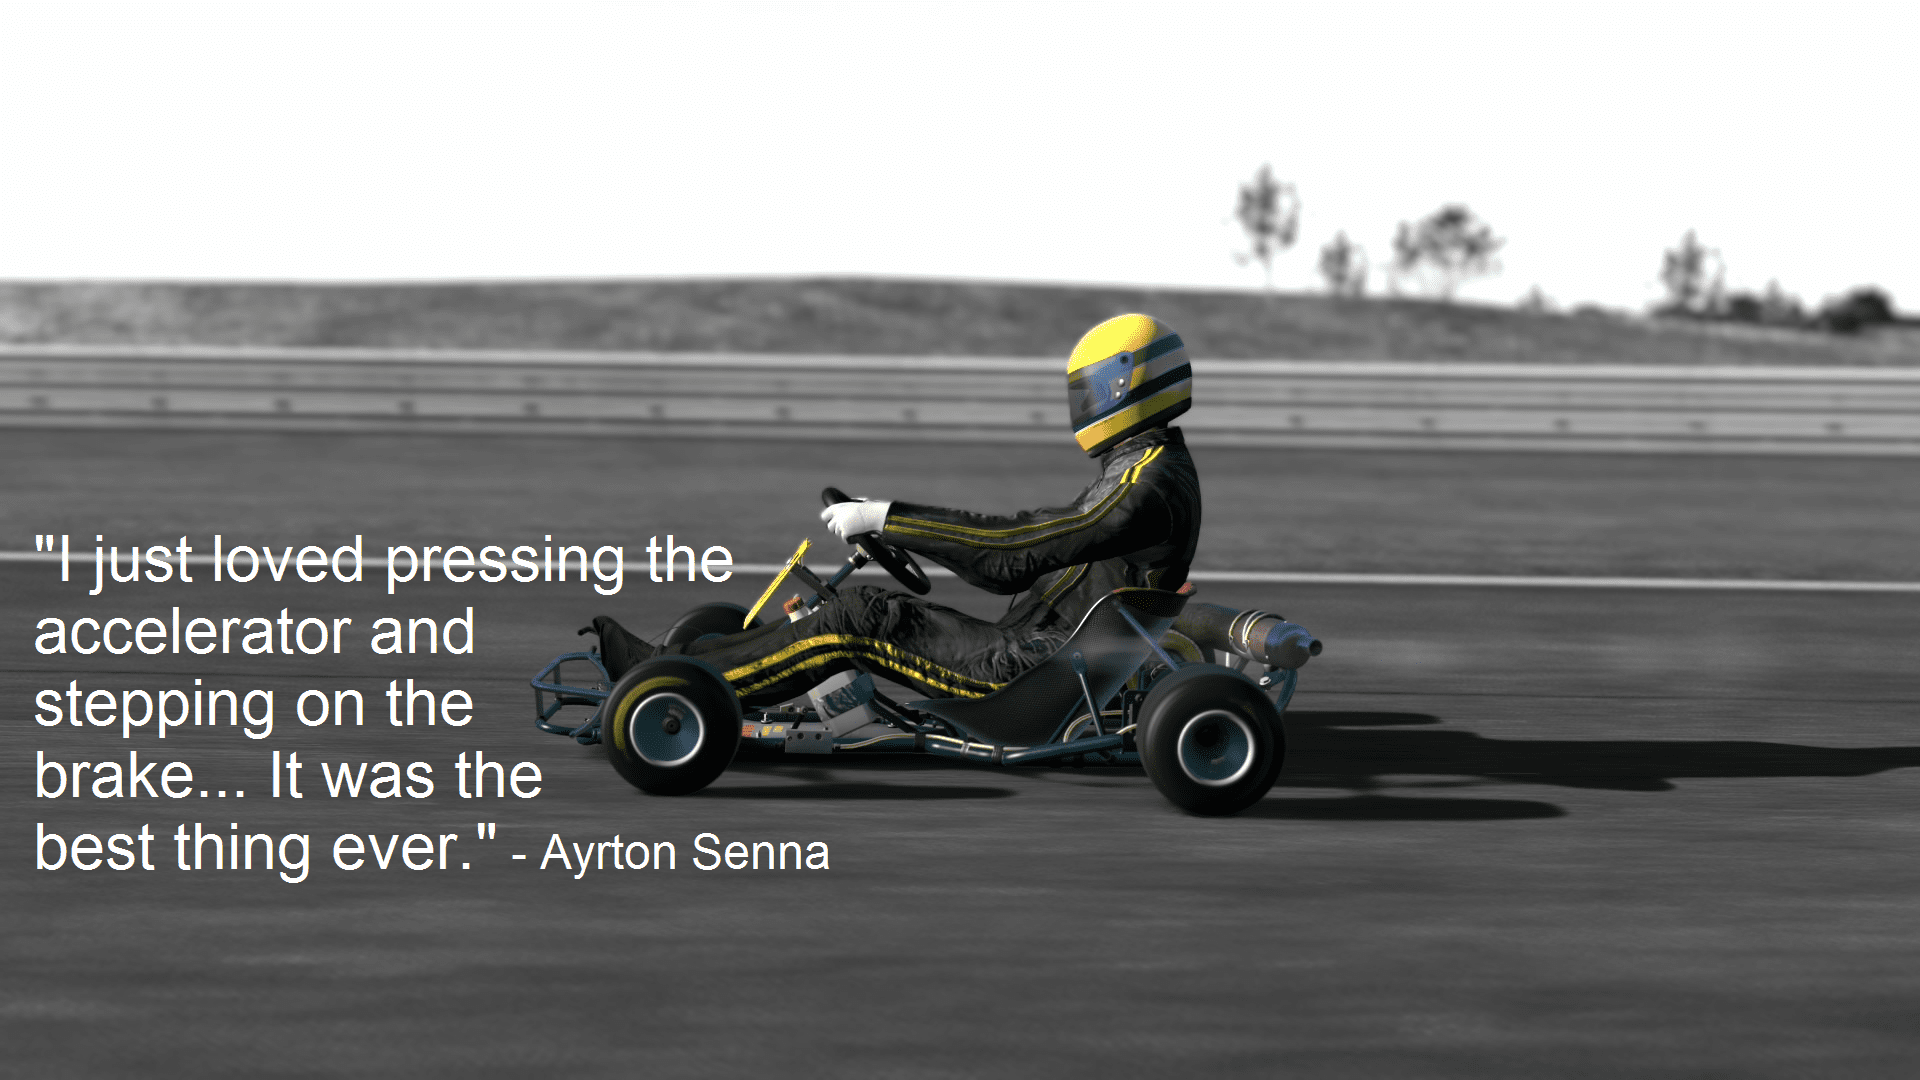 Ayrton Senna Quote 1.png